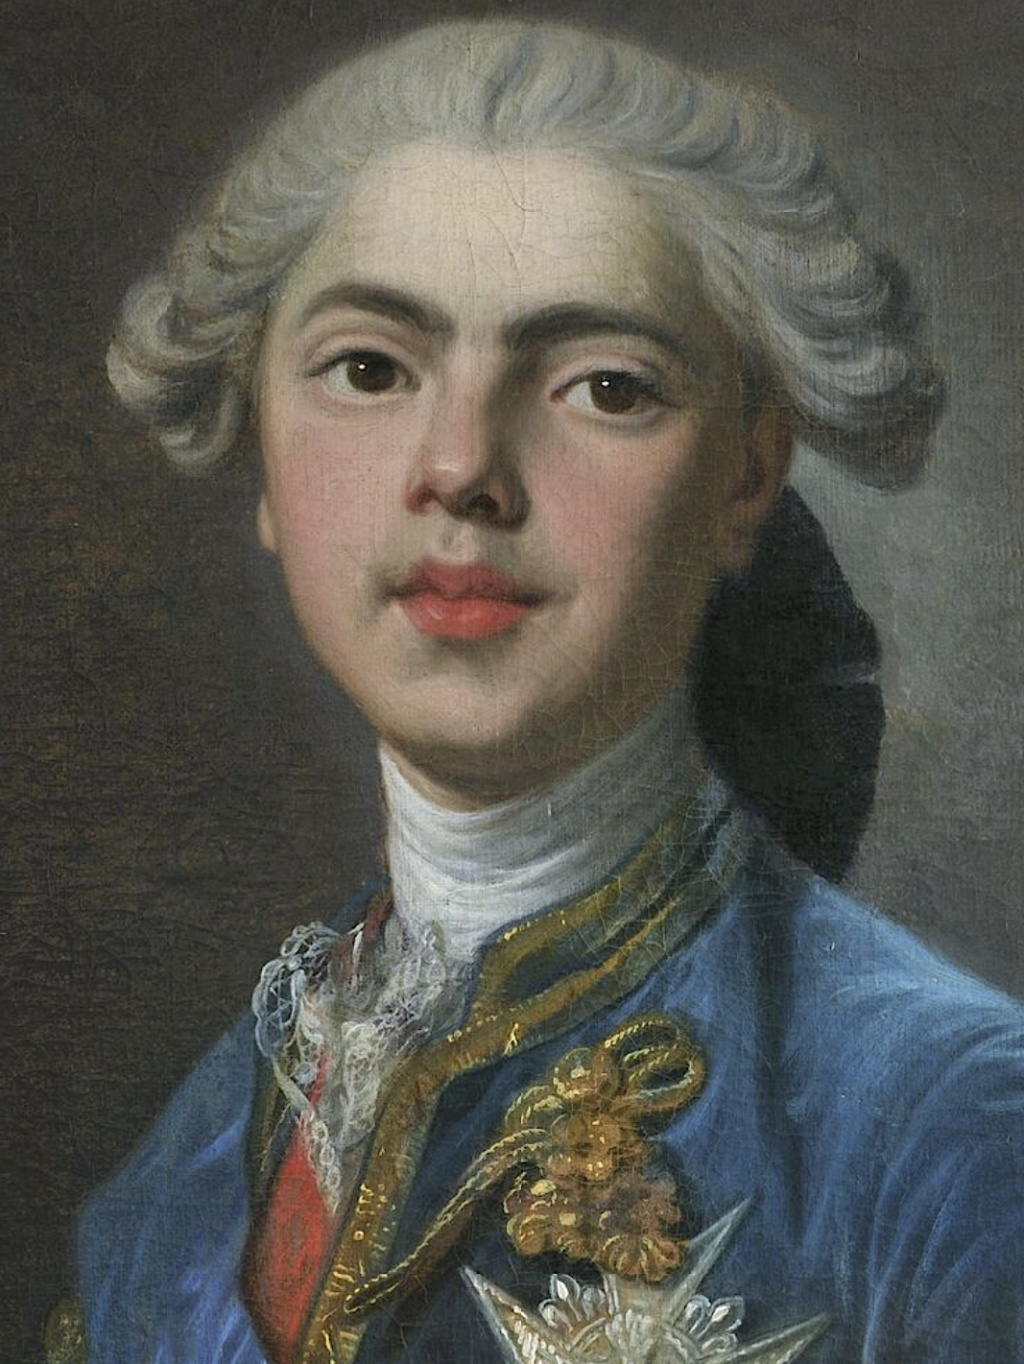 Portraits du comte d'Artois ou du comte de Provence par Van Loo ? Captu449